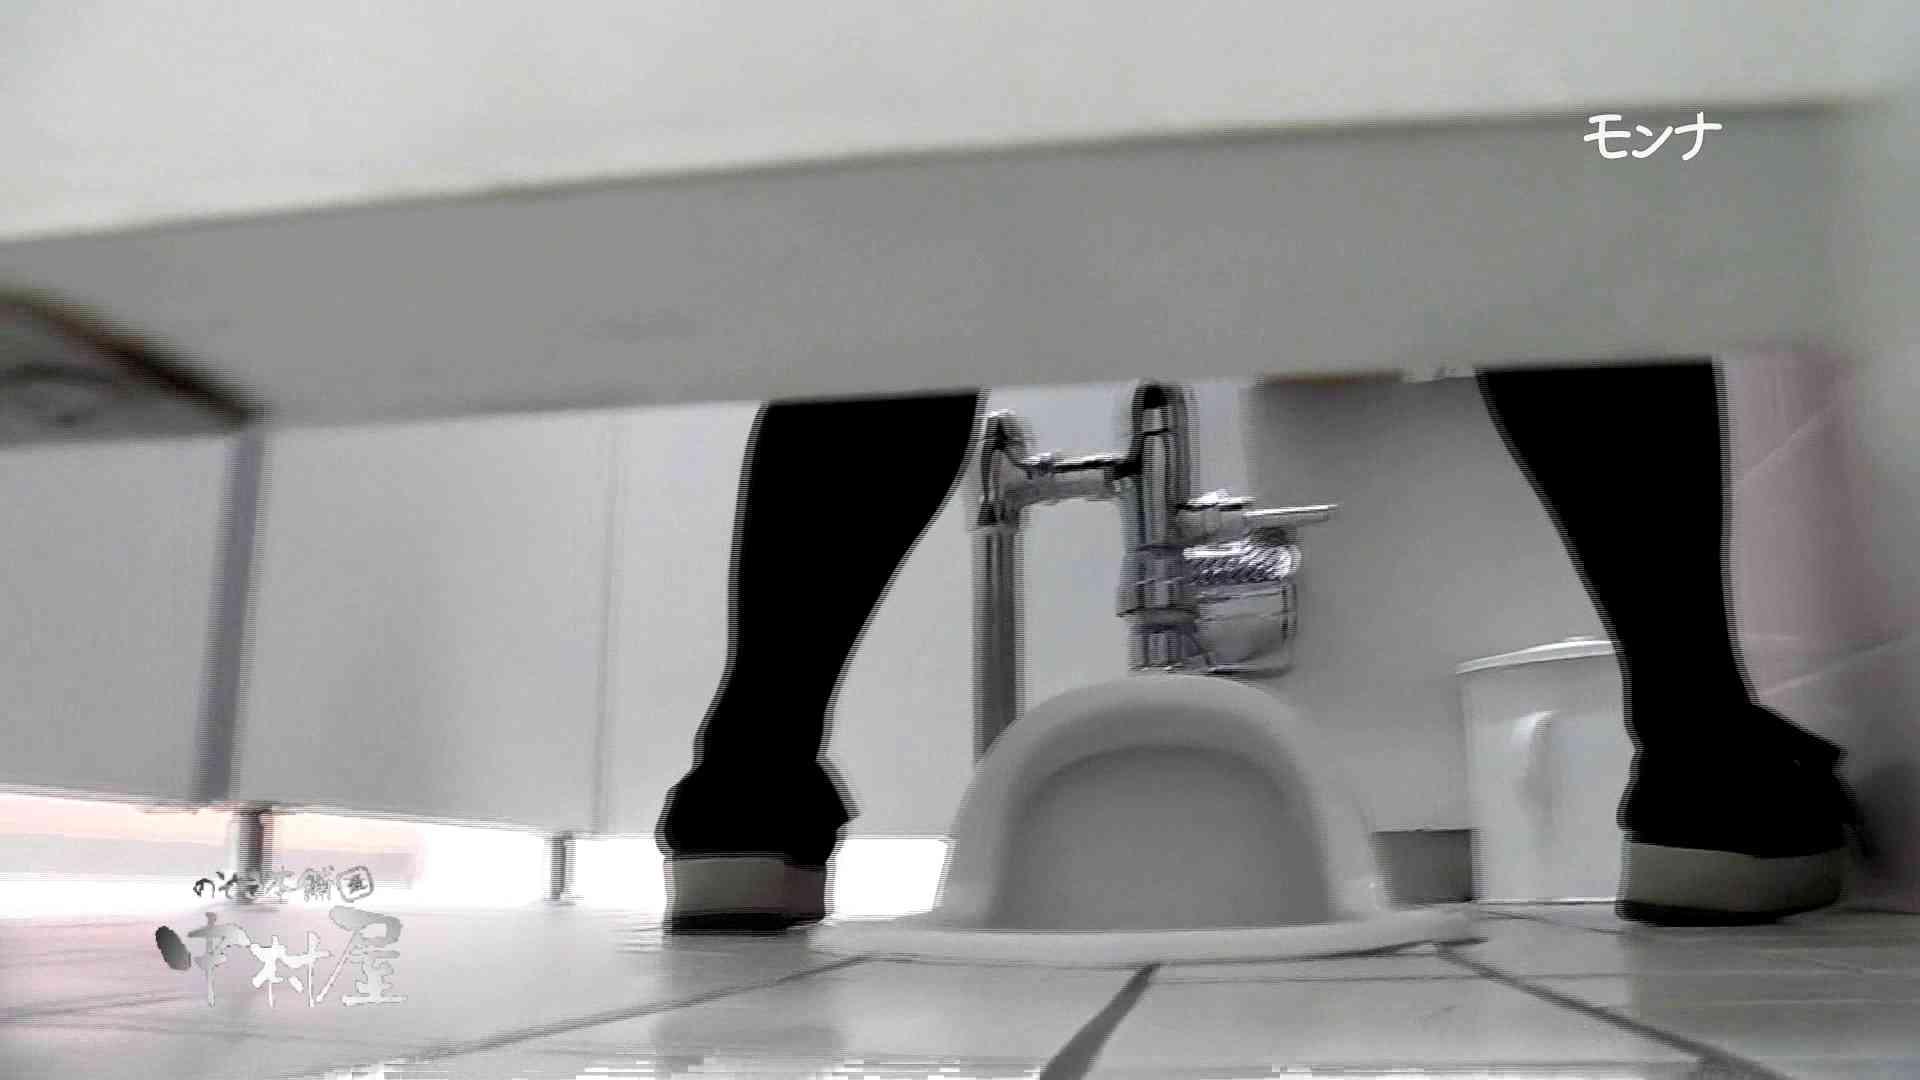 【美しい日本の未来】新学期!!下半身中心に攻めてます美女可愛い女子悪戯盗satuトイレ後編 トイレ流出 | 悪戯  82連発 49